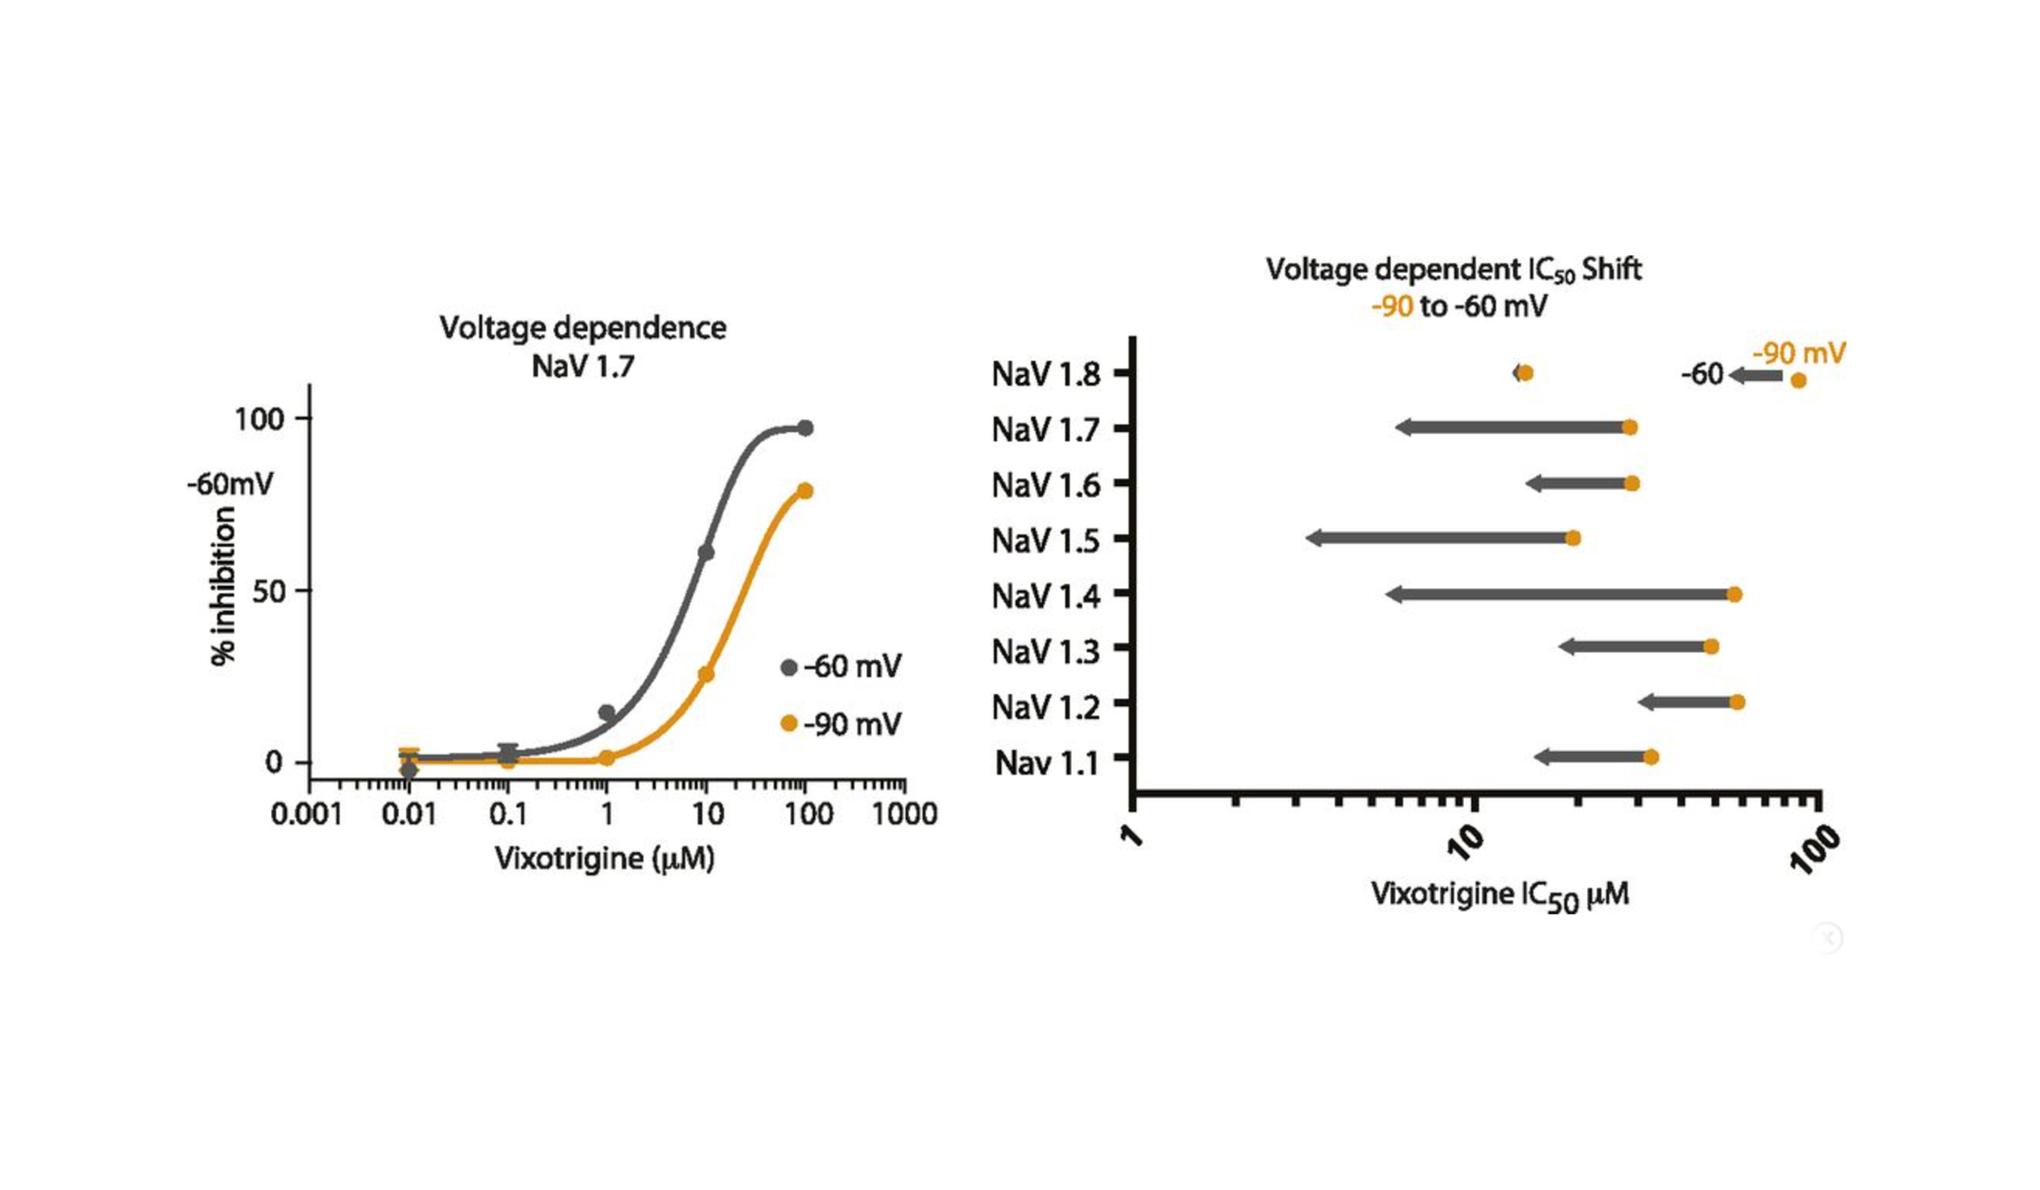 Vixotrigine characterization